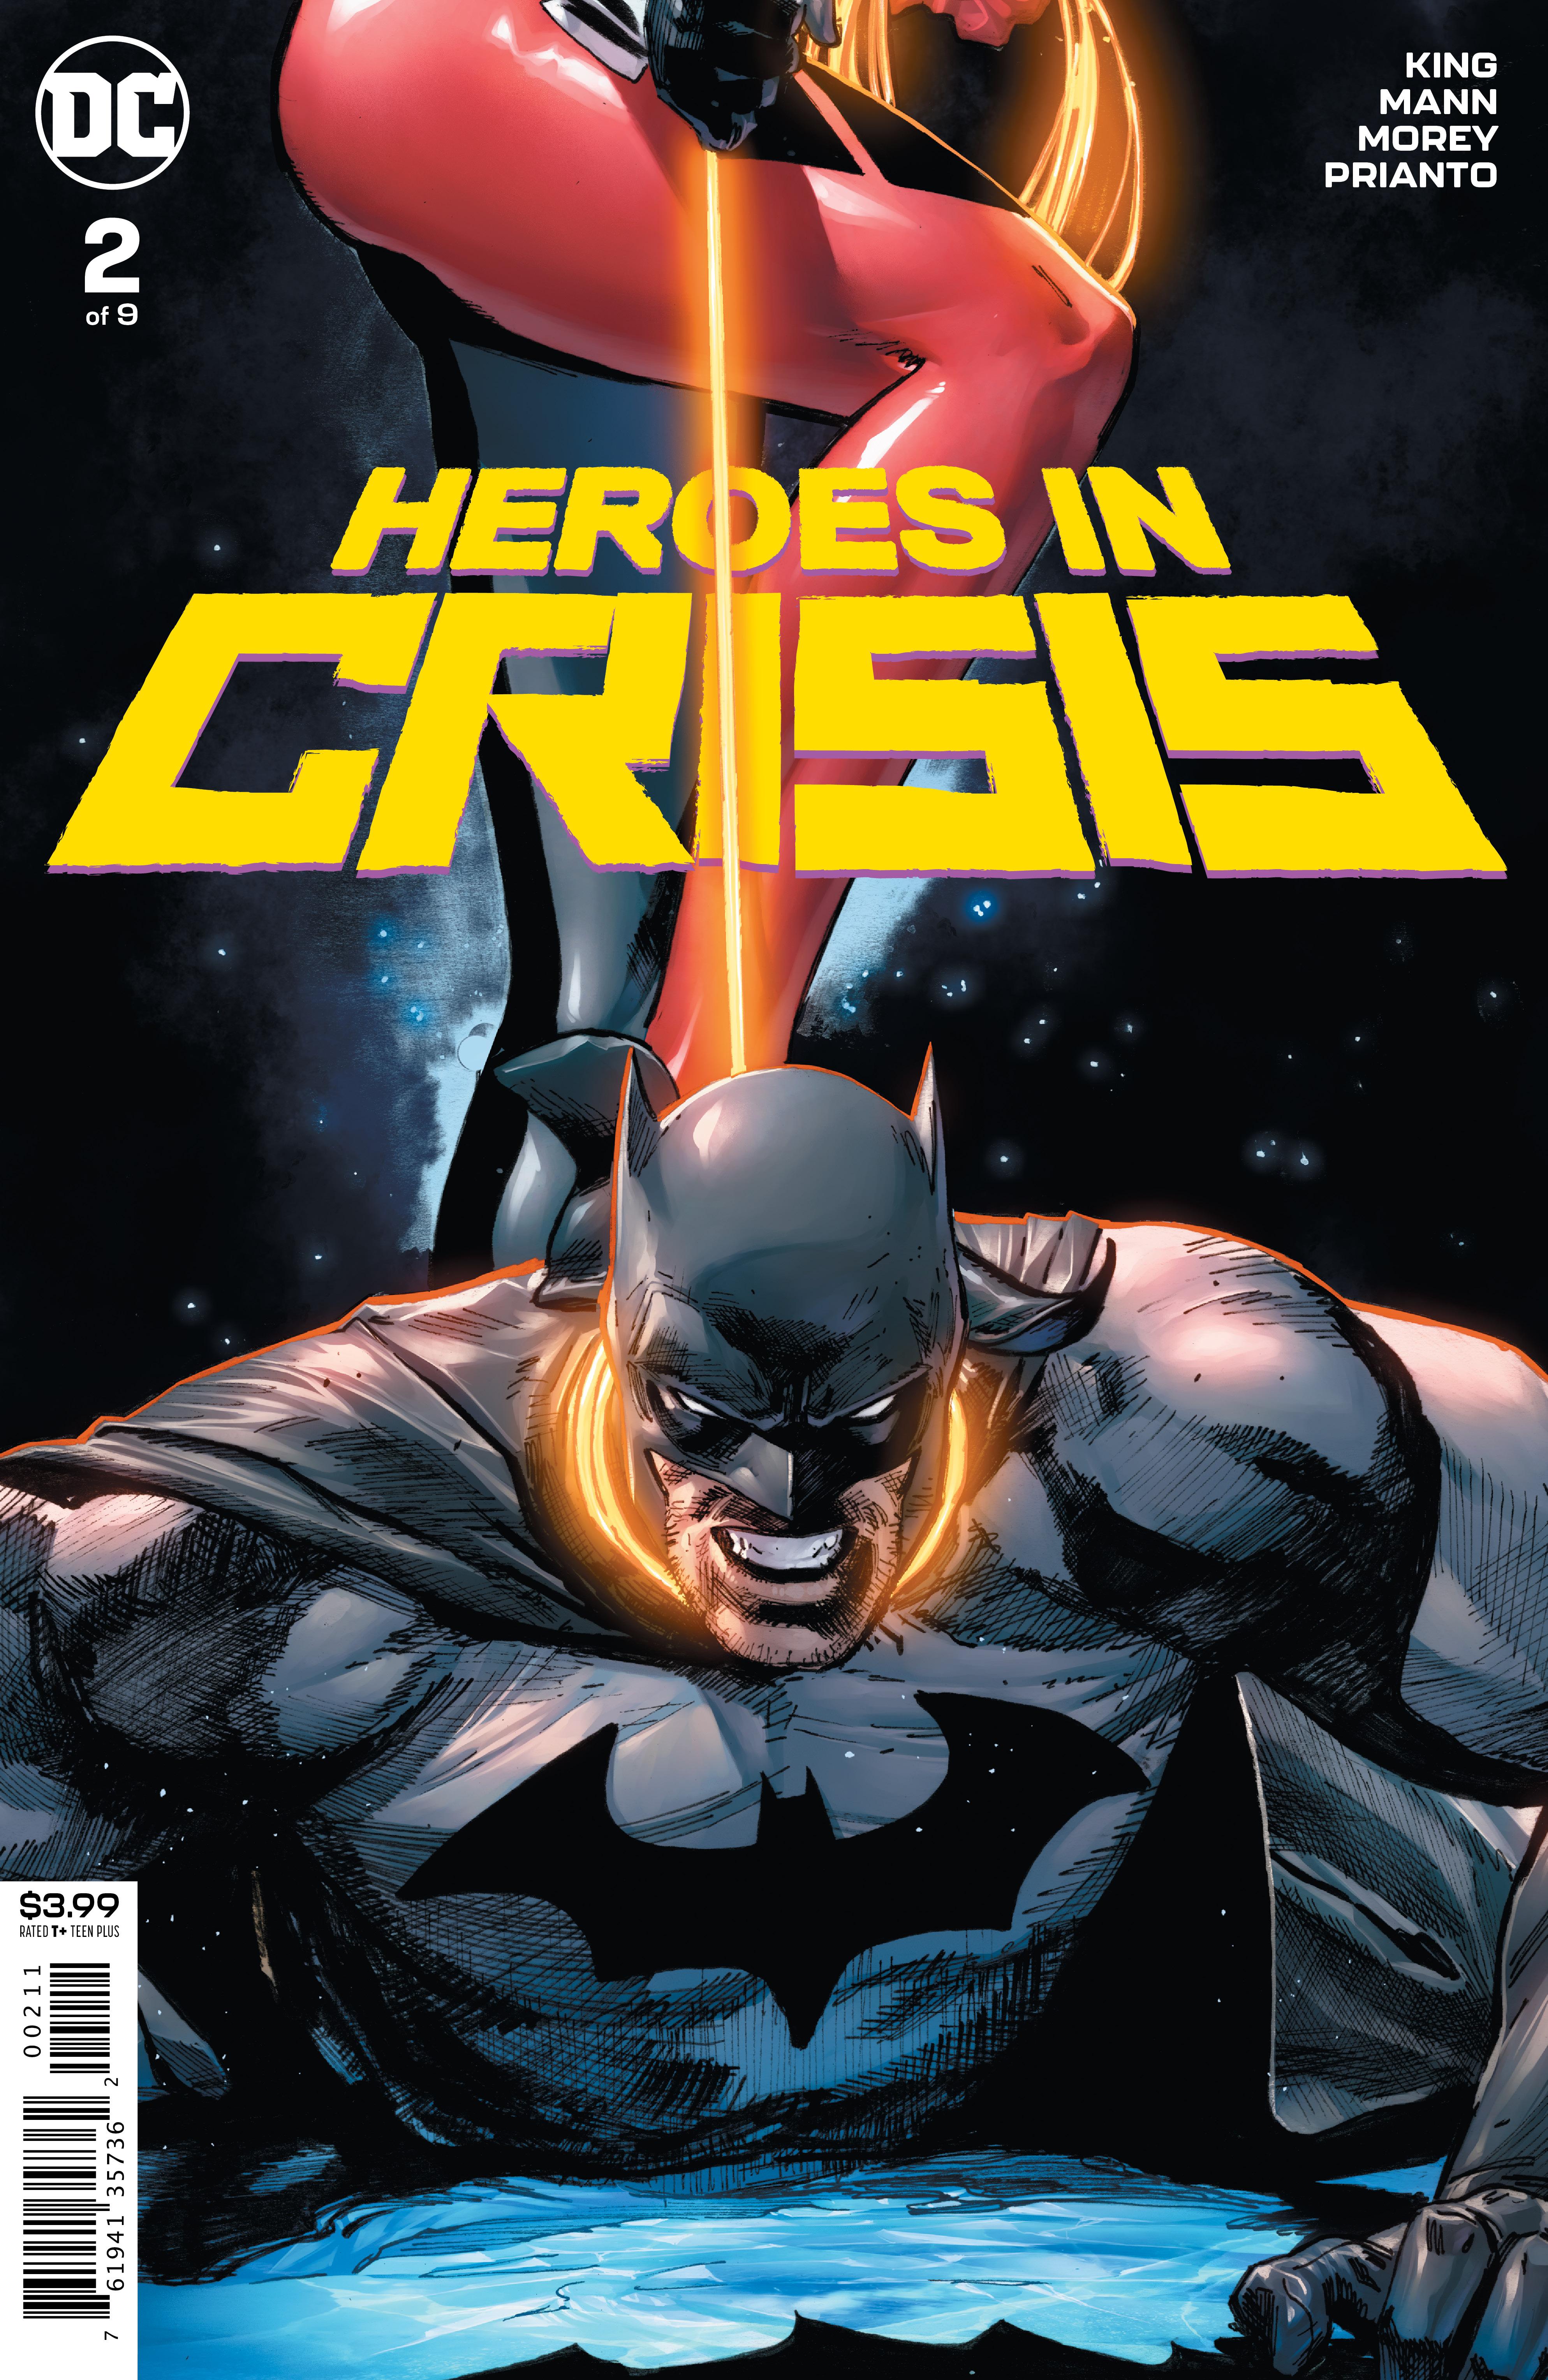 HEROES IN CRISIS #2 (OF 9)